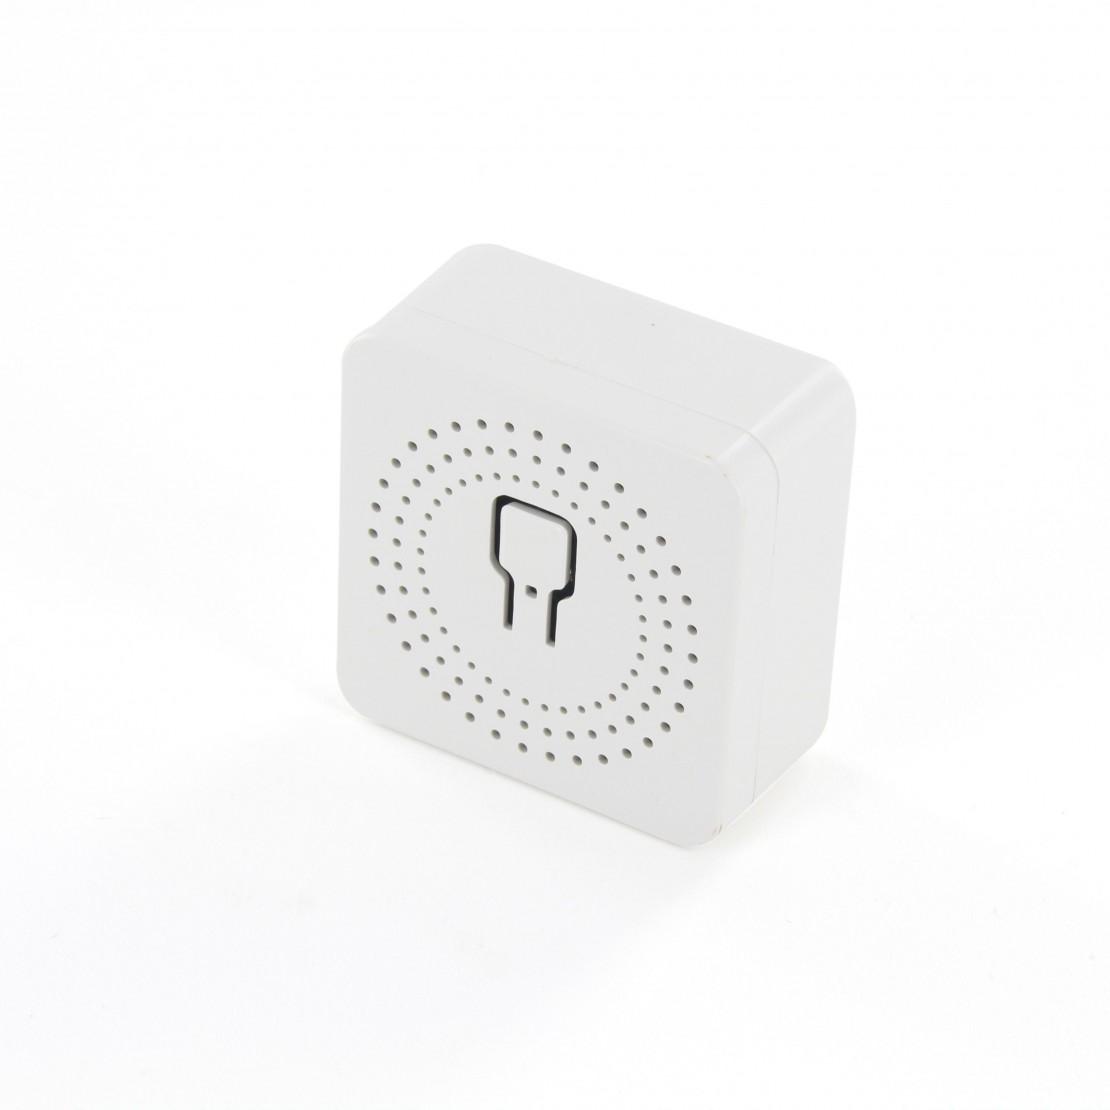 Modulo Variador para lámparaDiO 2.0